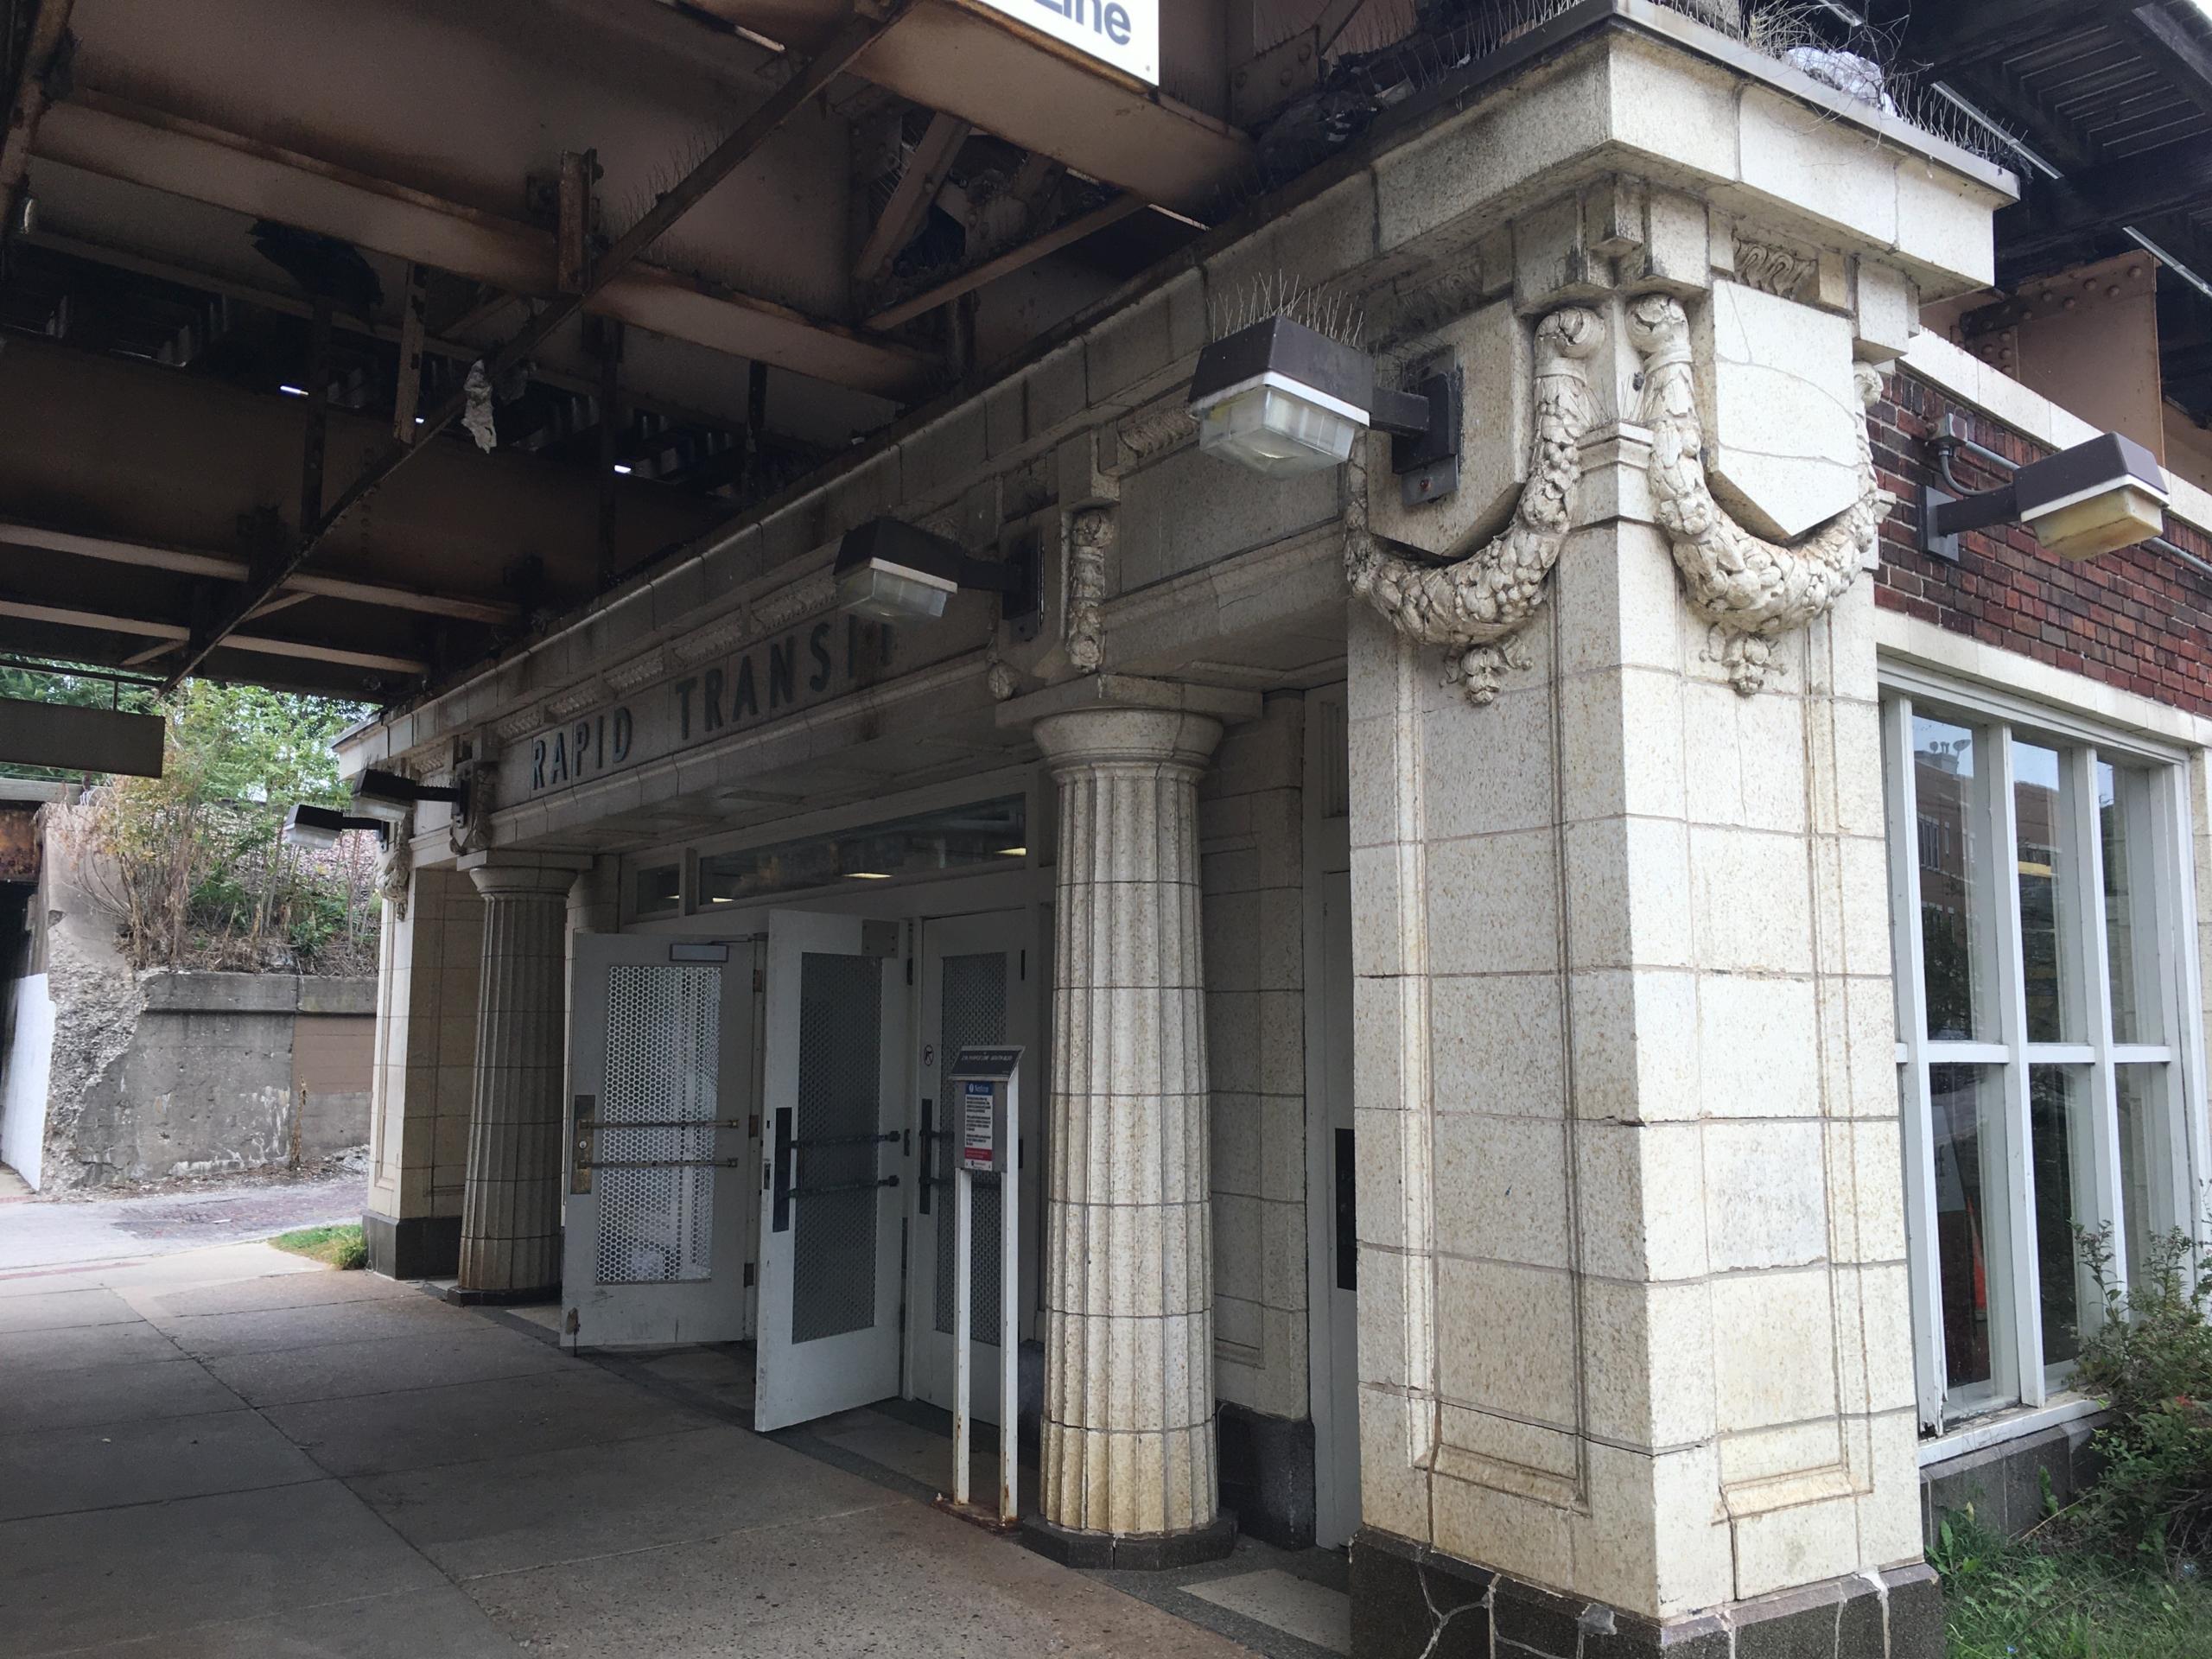 South Blvd Station